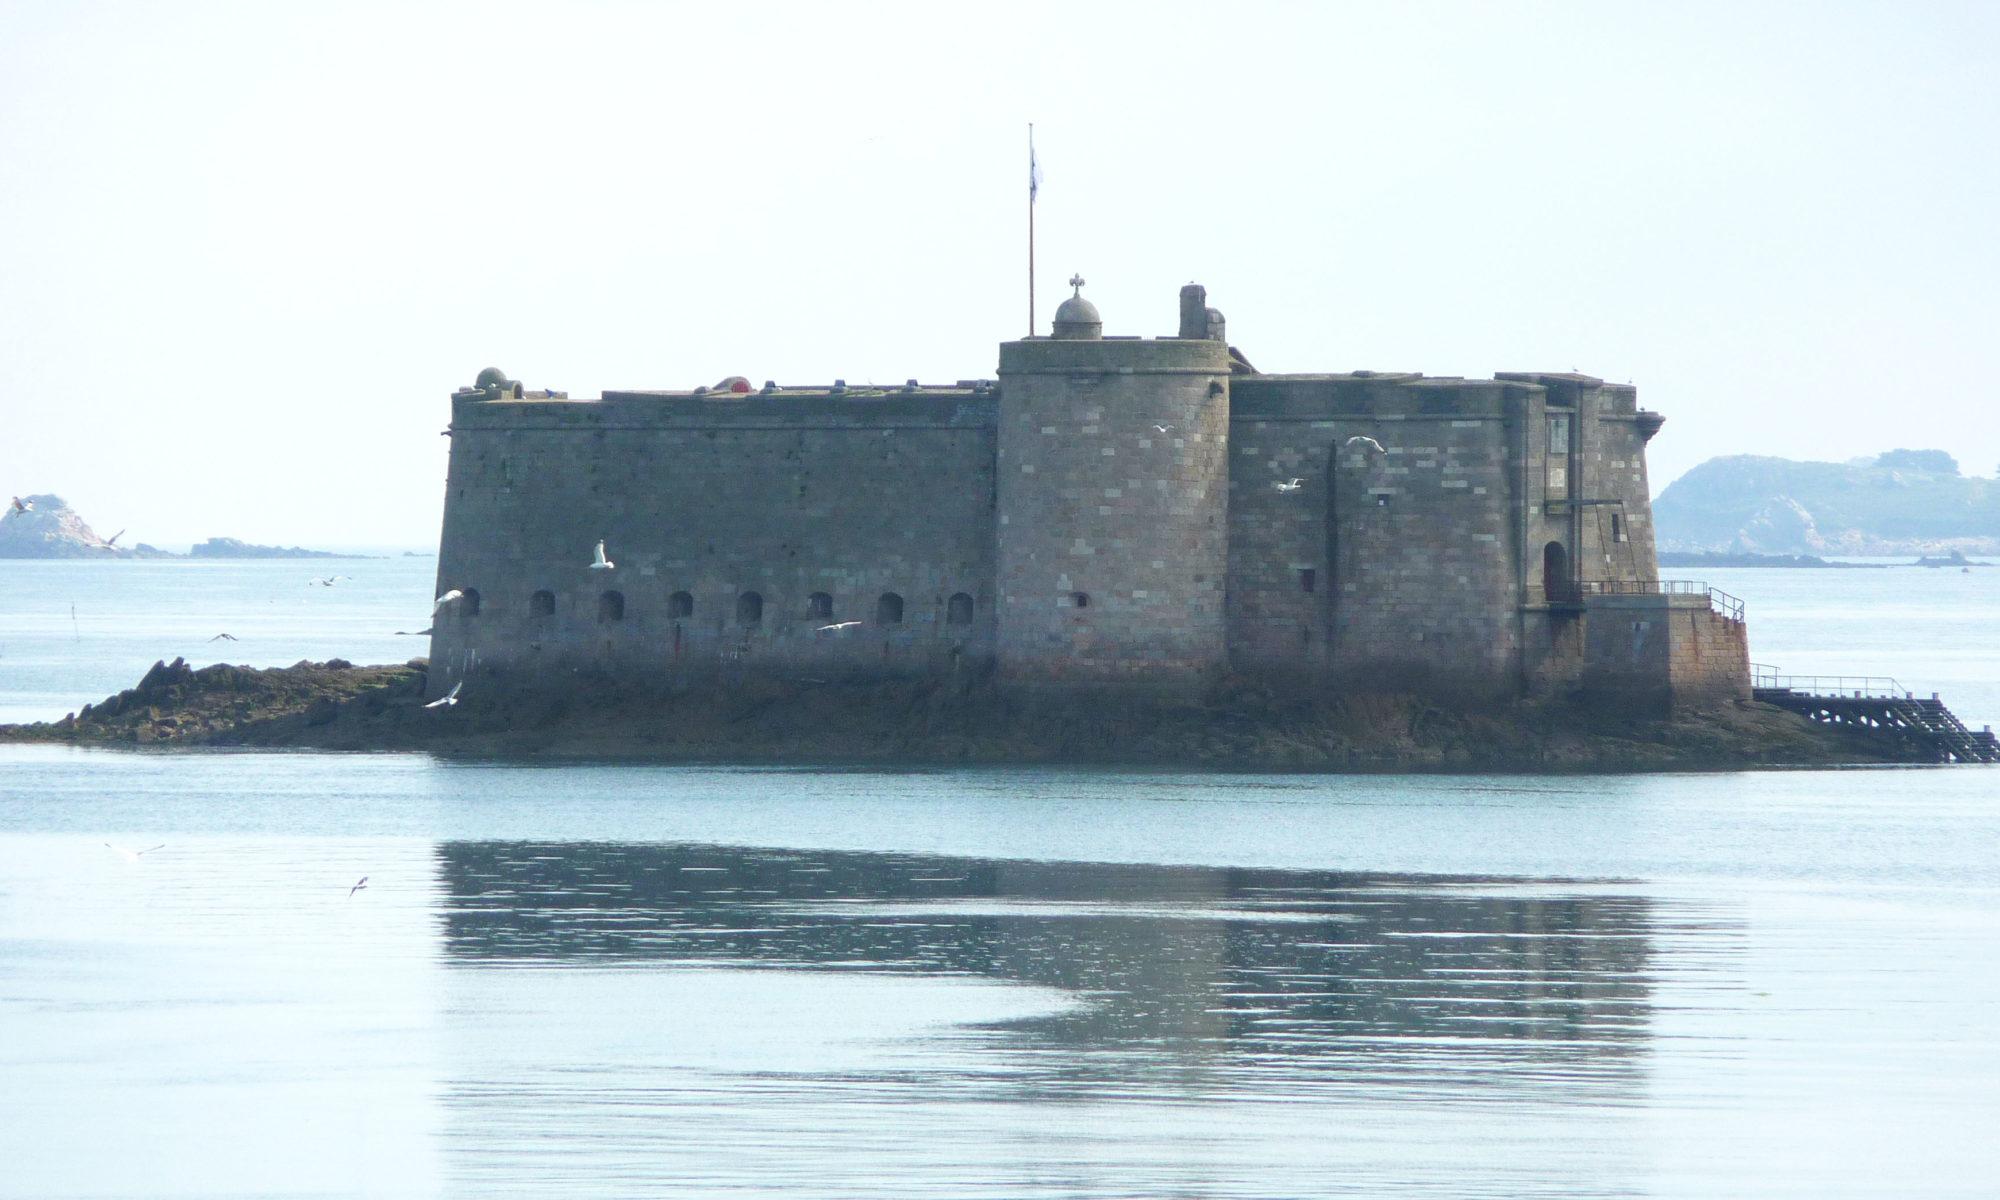 Baie de Morlaix, château du taureau